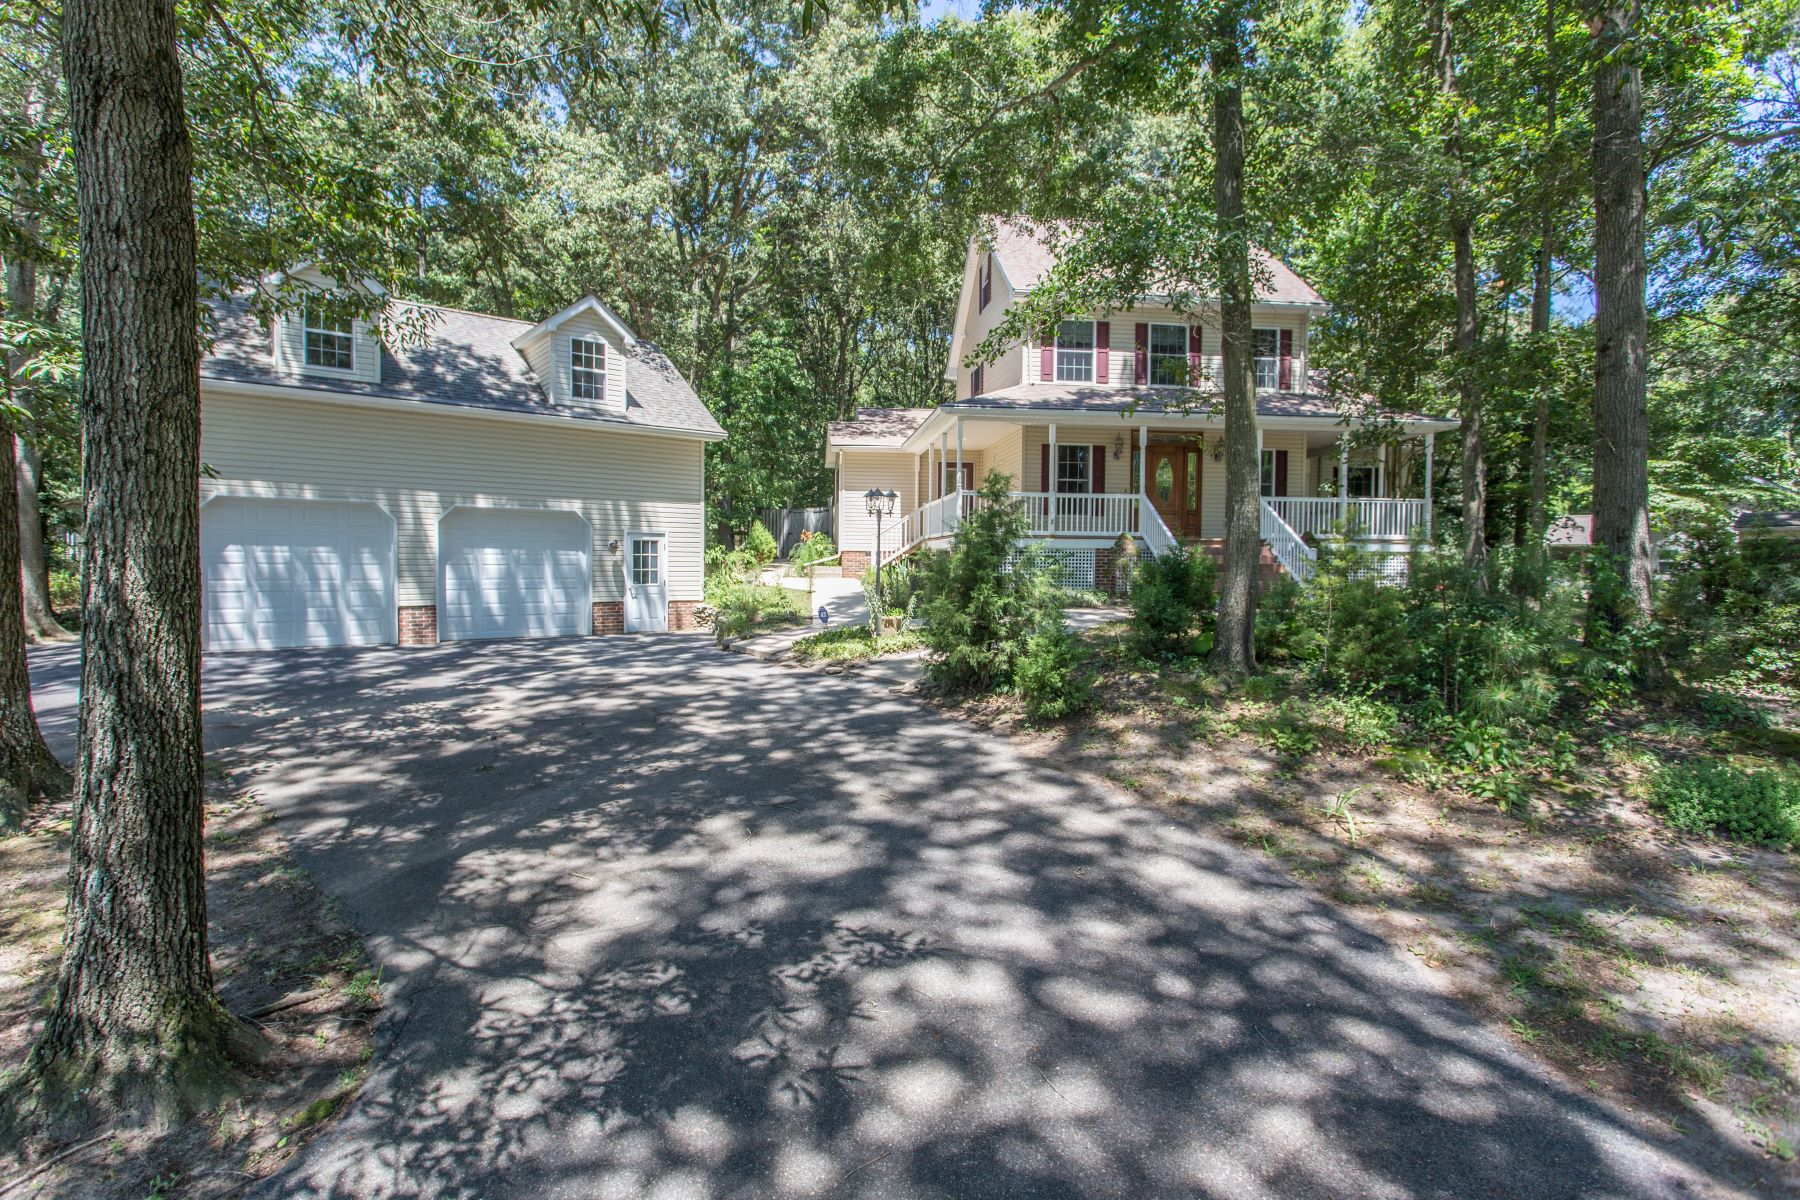 Частный односемейный дом для того Продажа на 22175 Wilson Road , Georgetown, DE 19947 22175 Wilson Road, Georgetown, Делавэр 19947 Соединенные Штаты